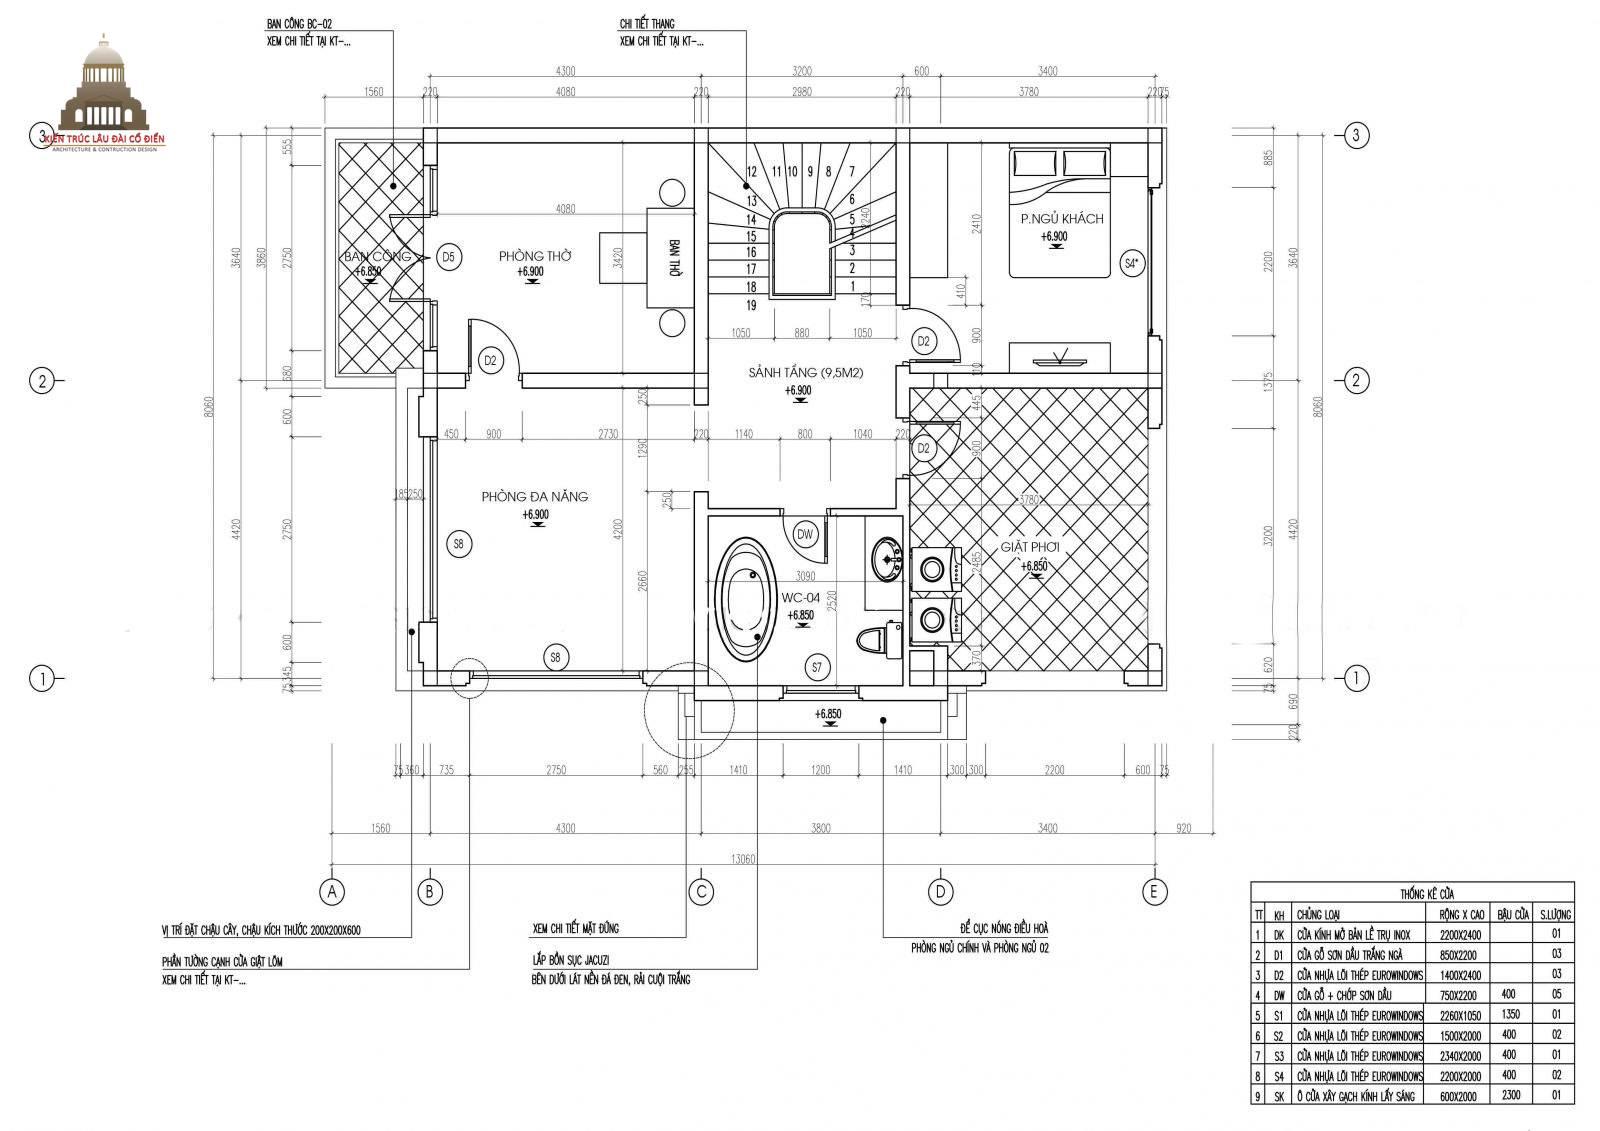 Biệt thự tân cổ điển đẹp 3 tầng tại Vĩnh Long 6